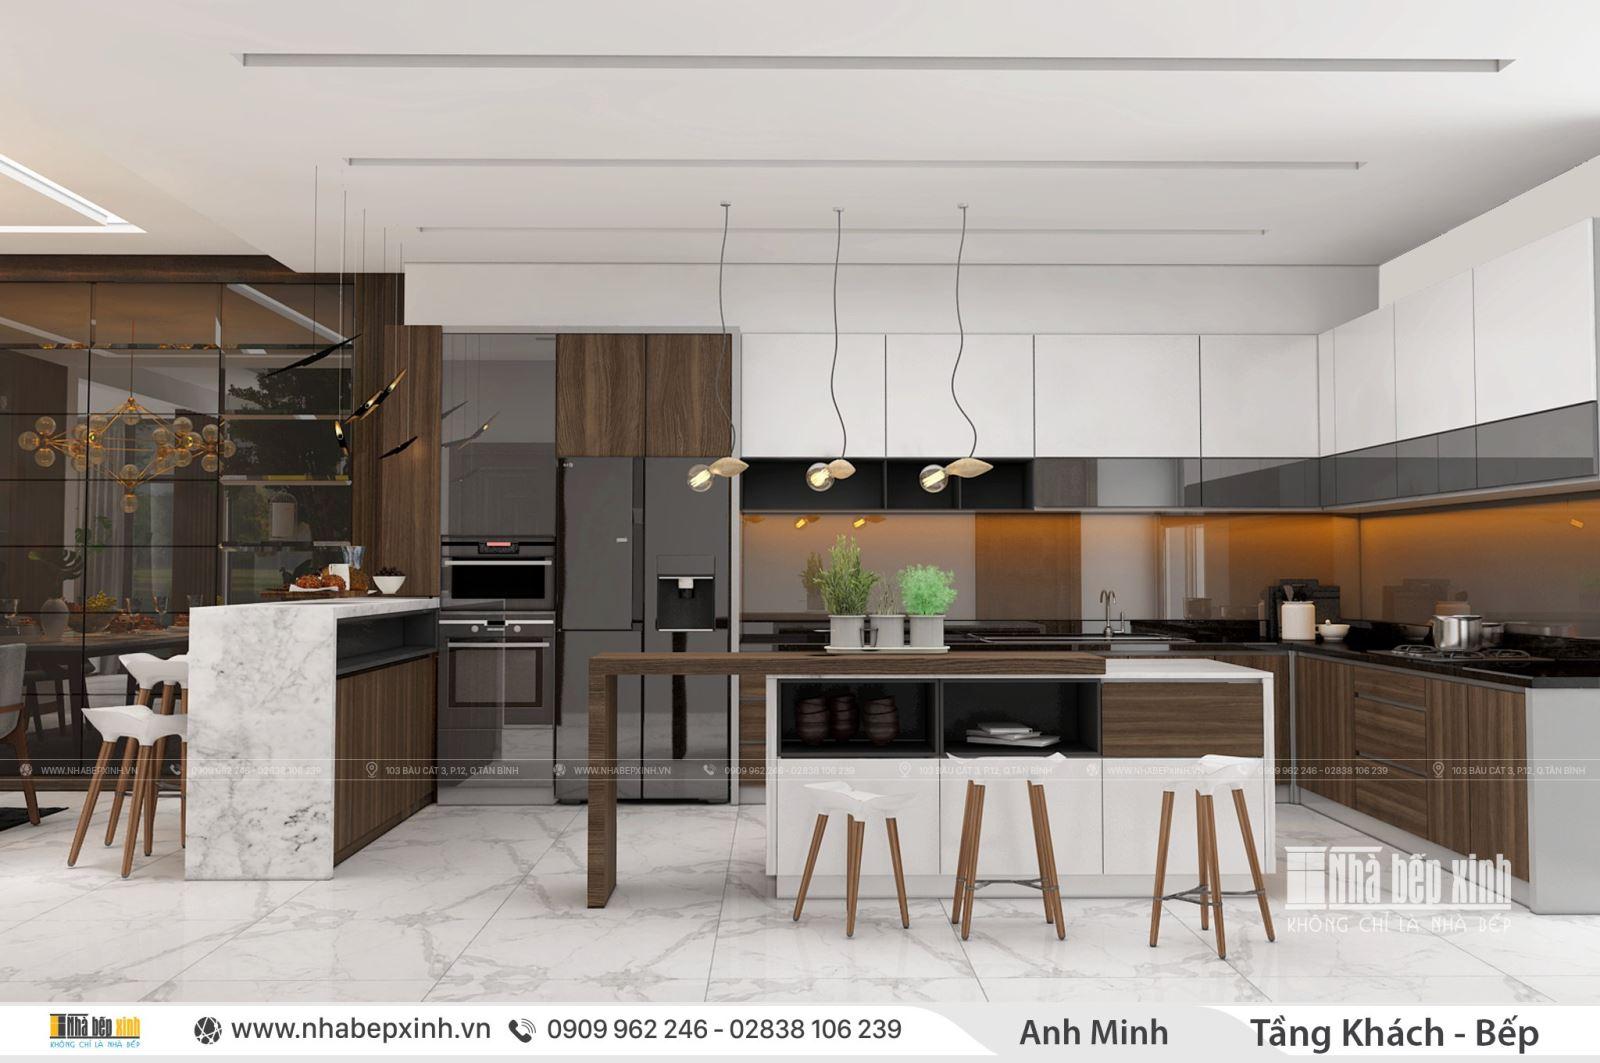 Nội thất phòng khách bếp - Thiết kế phong cách hiện đại